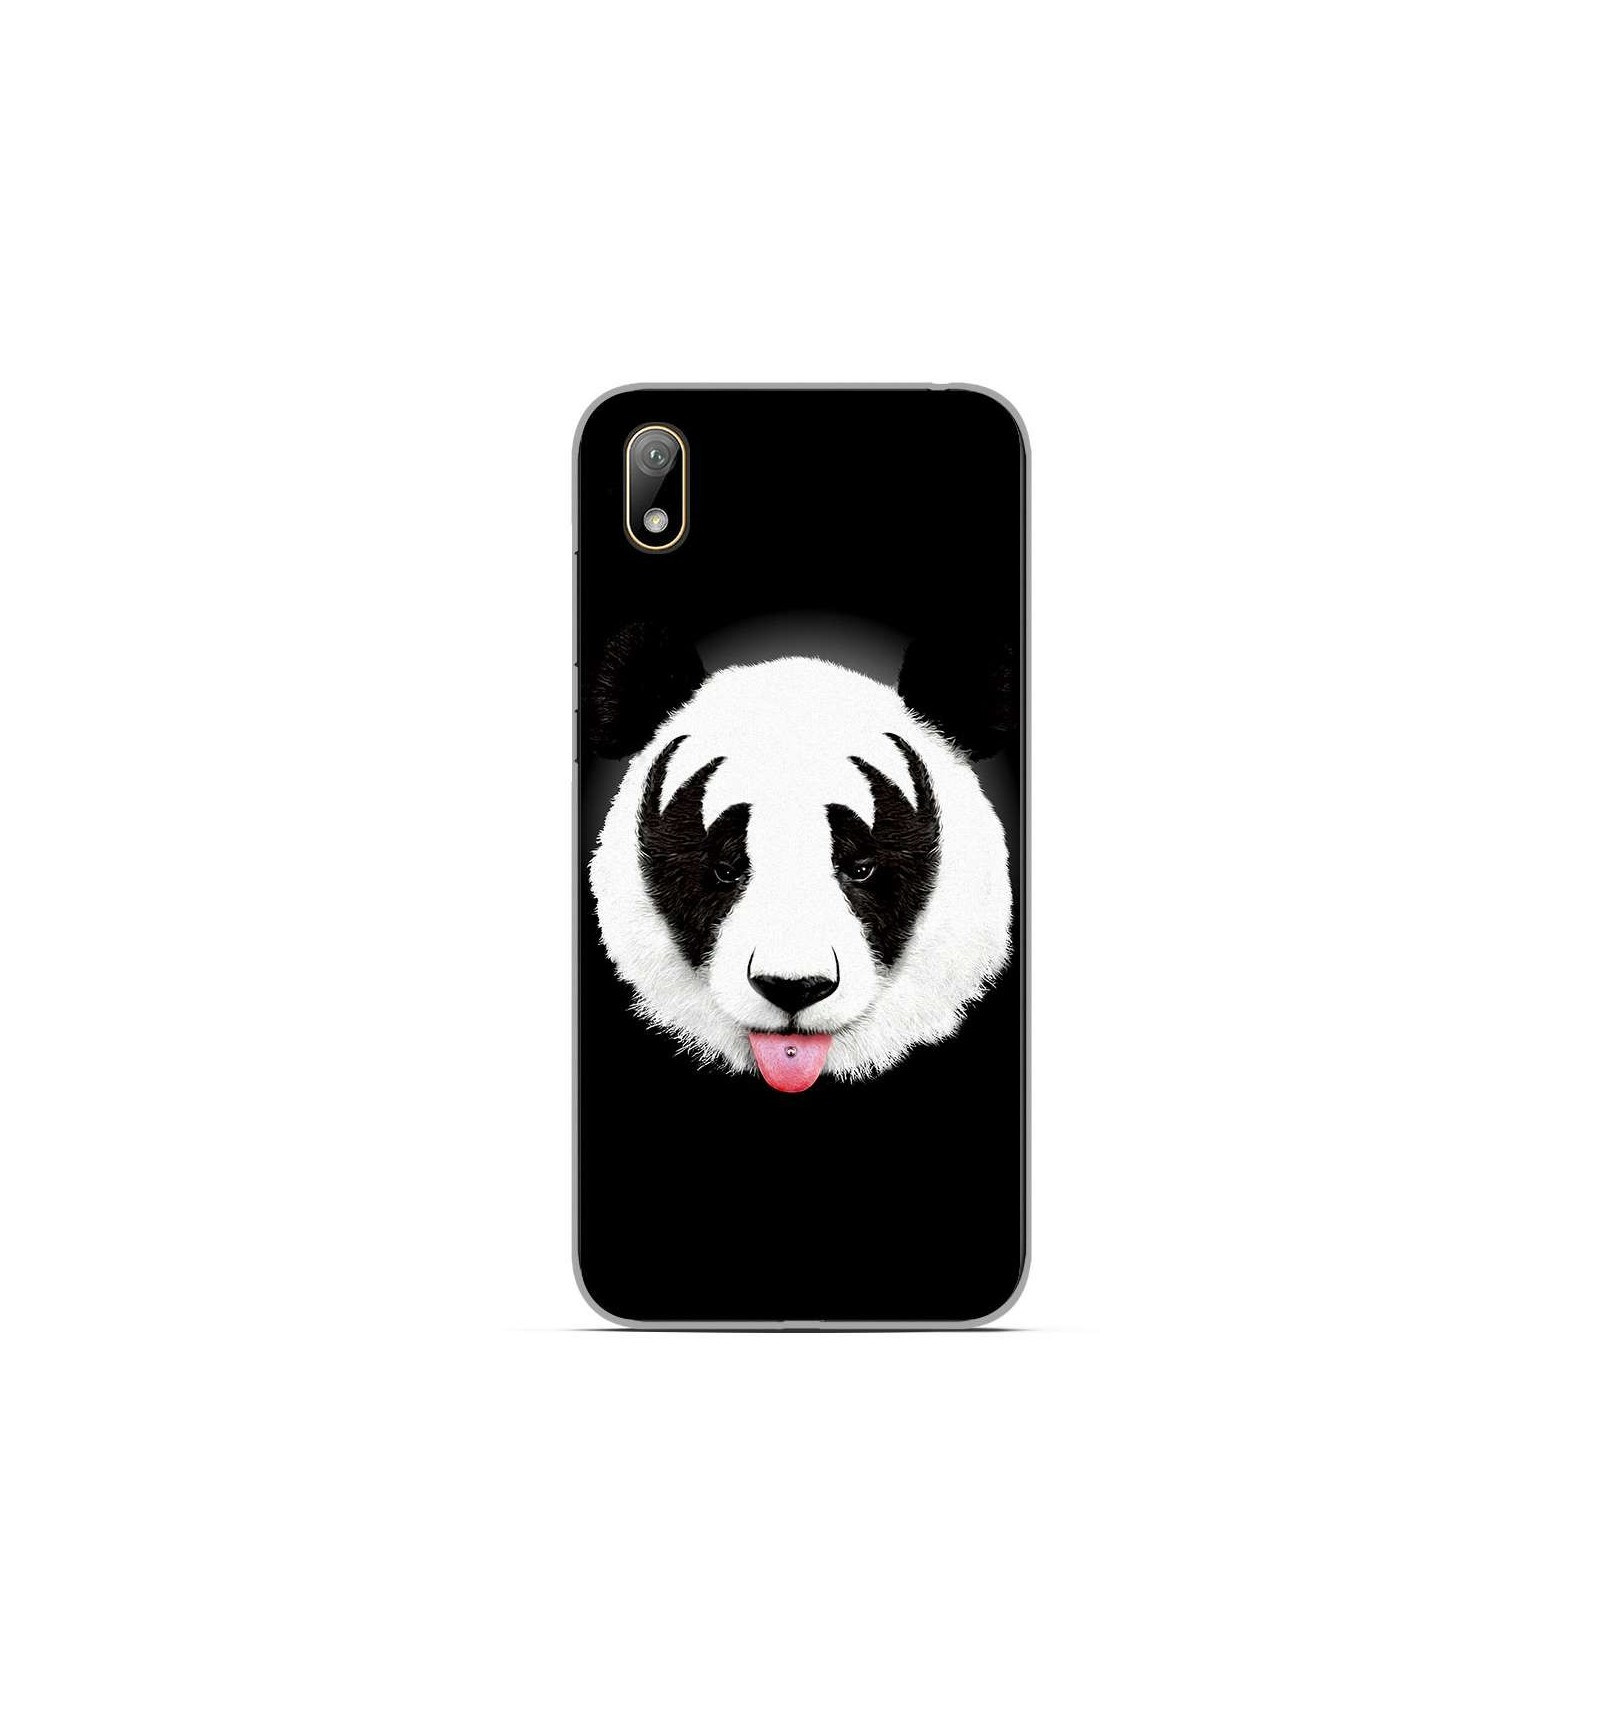 huawei y5 2019 coque panda